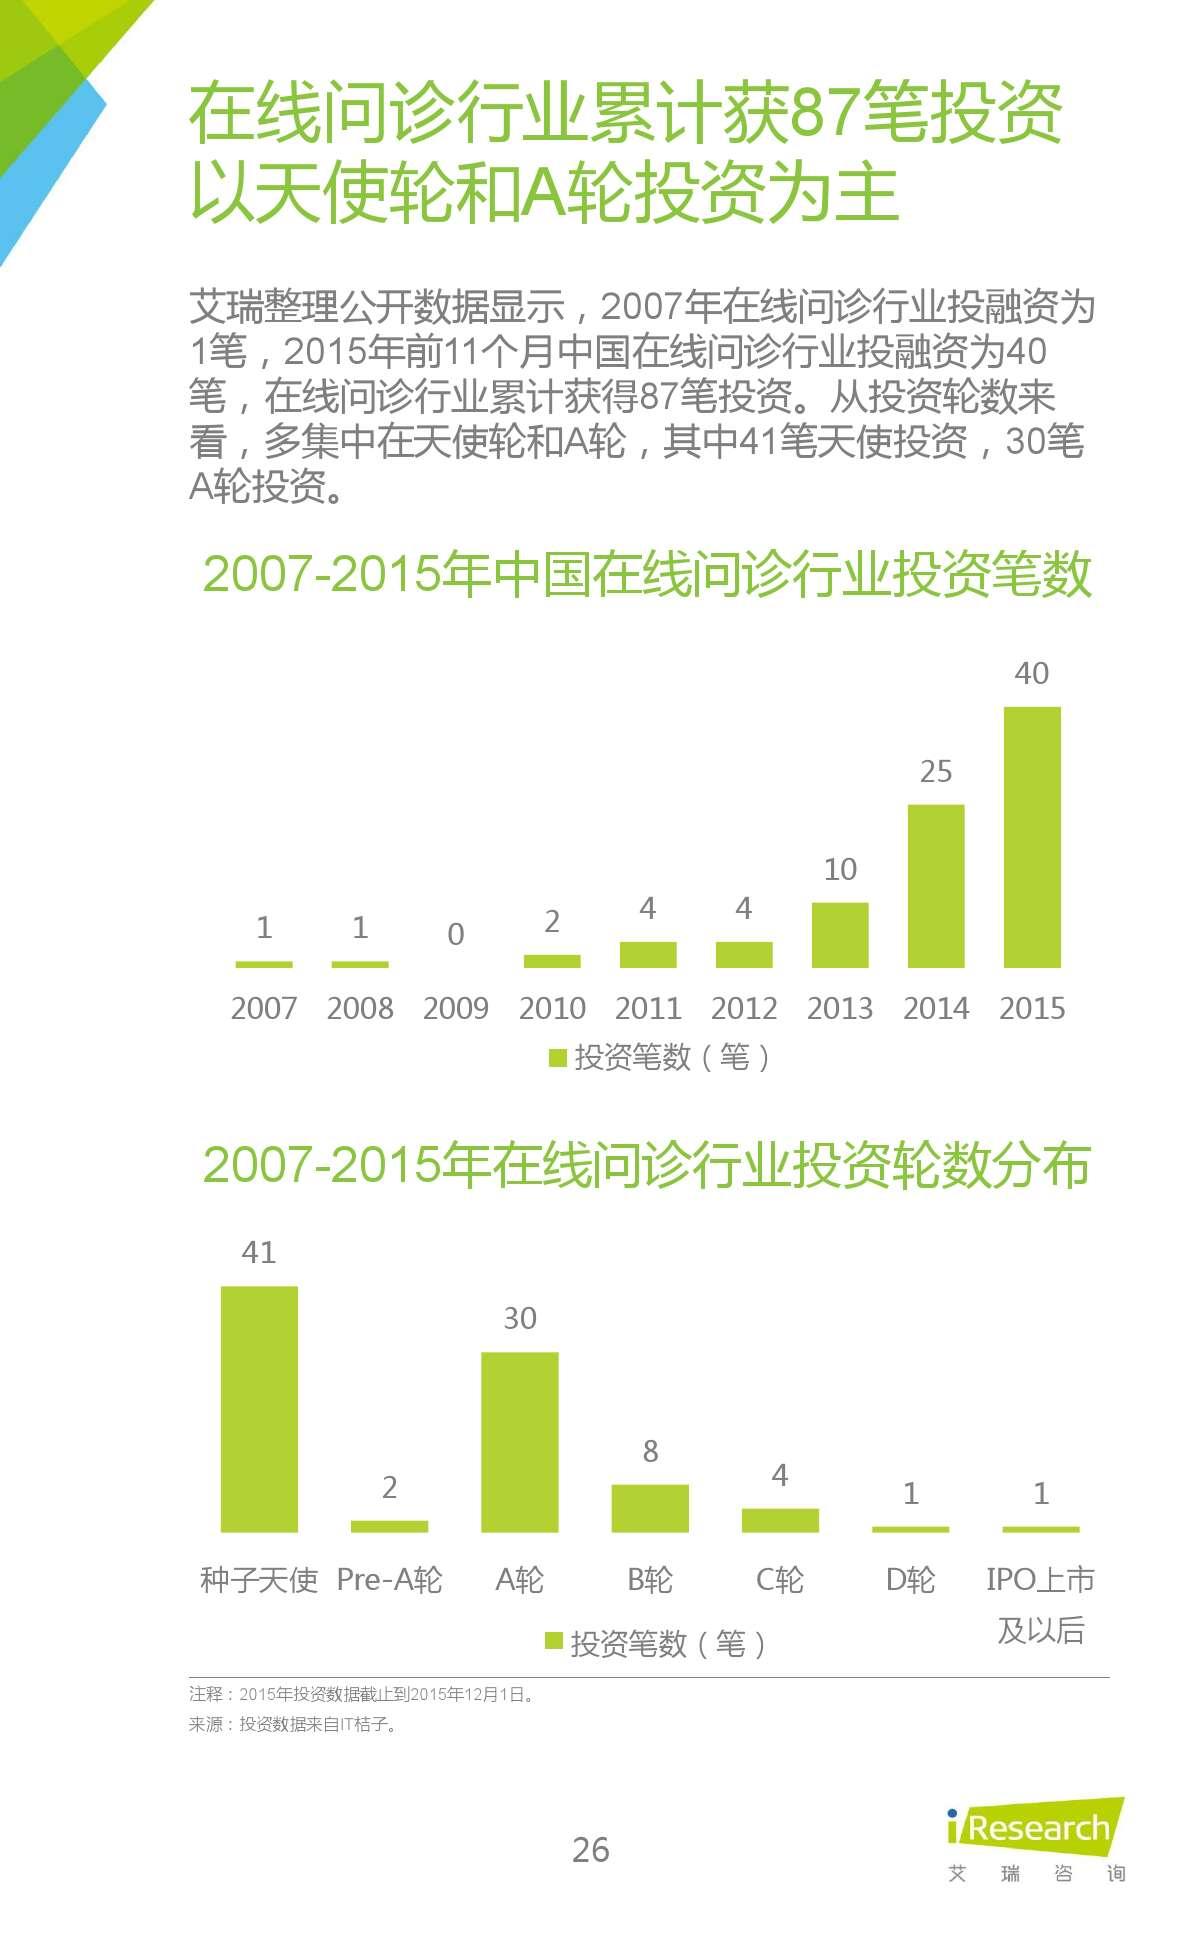 2015年中国在线问诊行业研究报告_000026